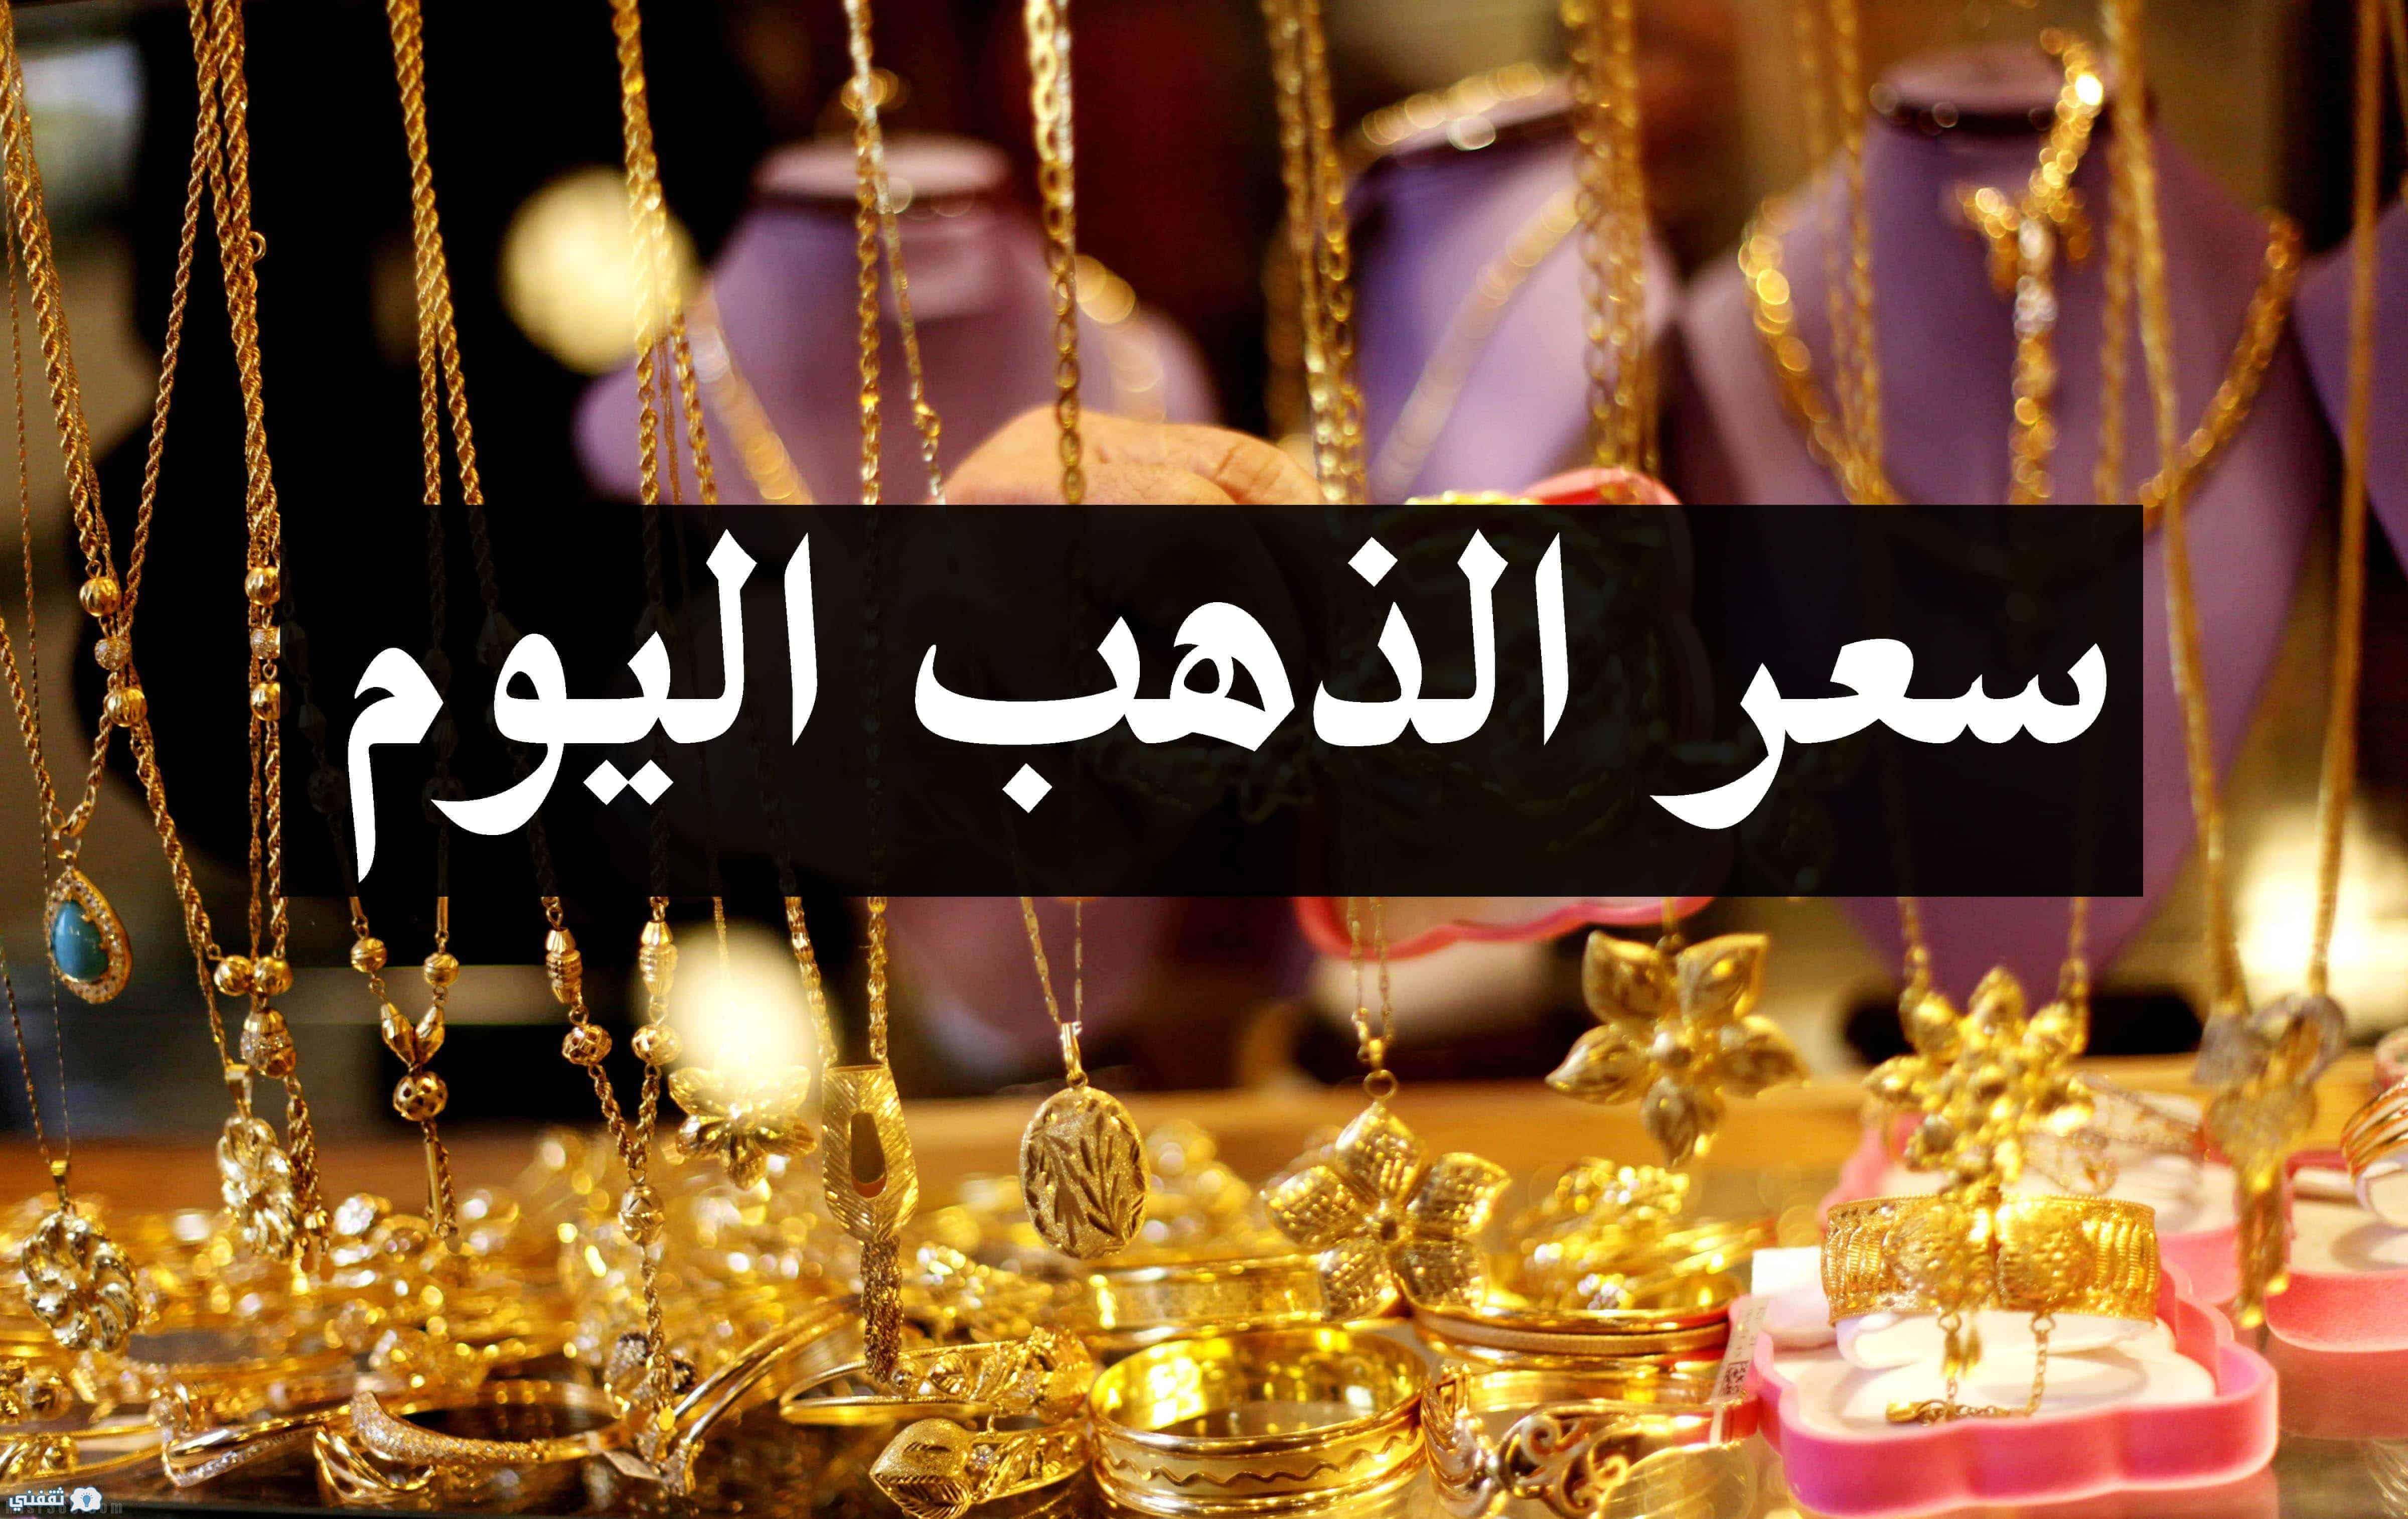 انخفاض أسعار الذهب في الأسواقالمحلية اليوم الجمعة 24/8/2018